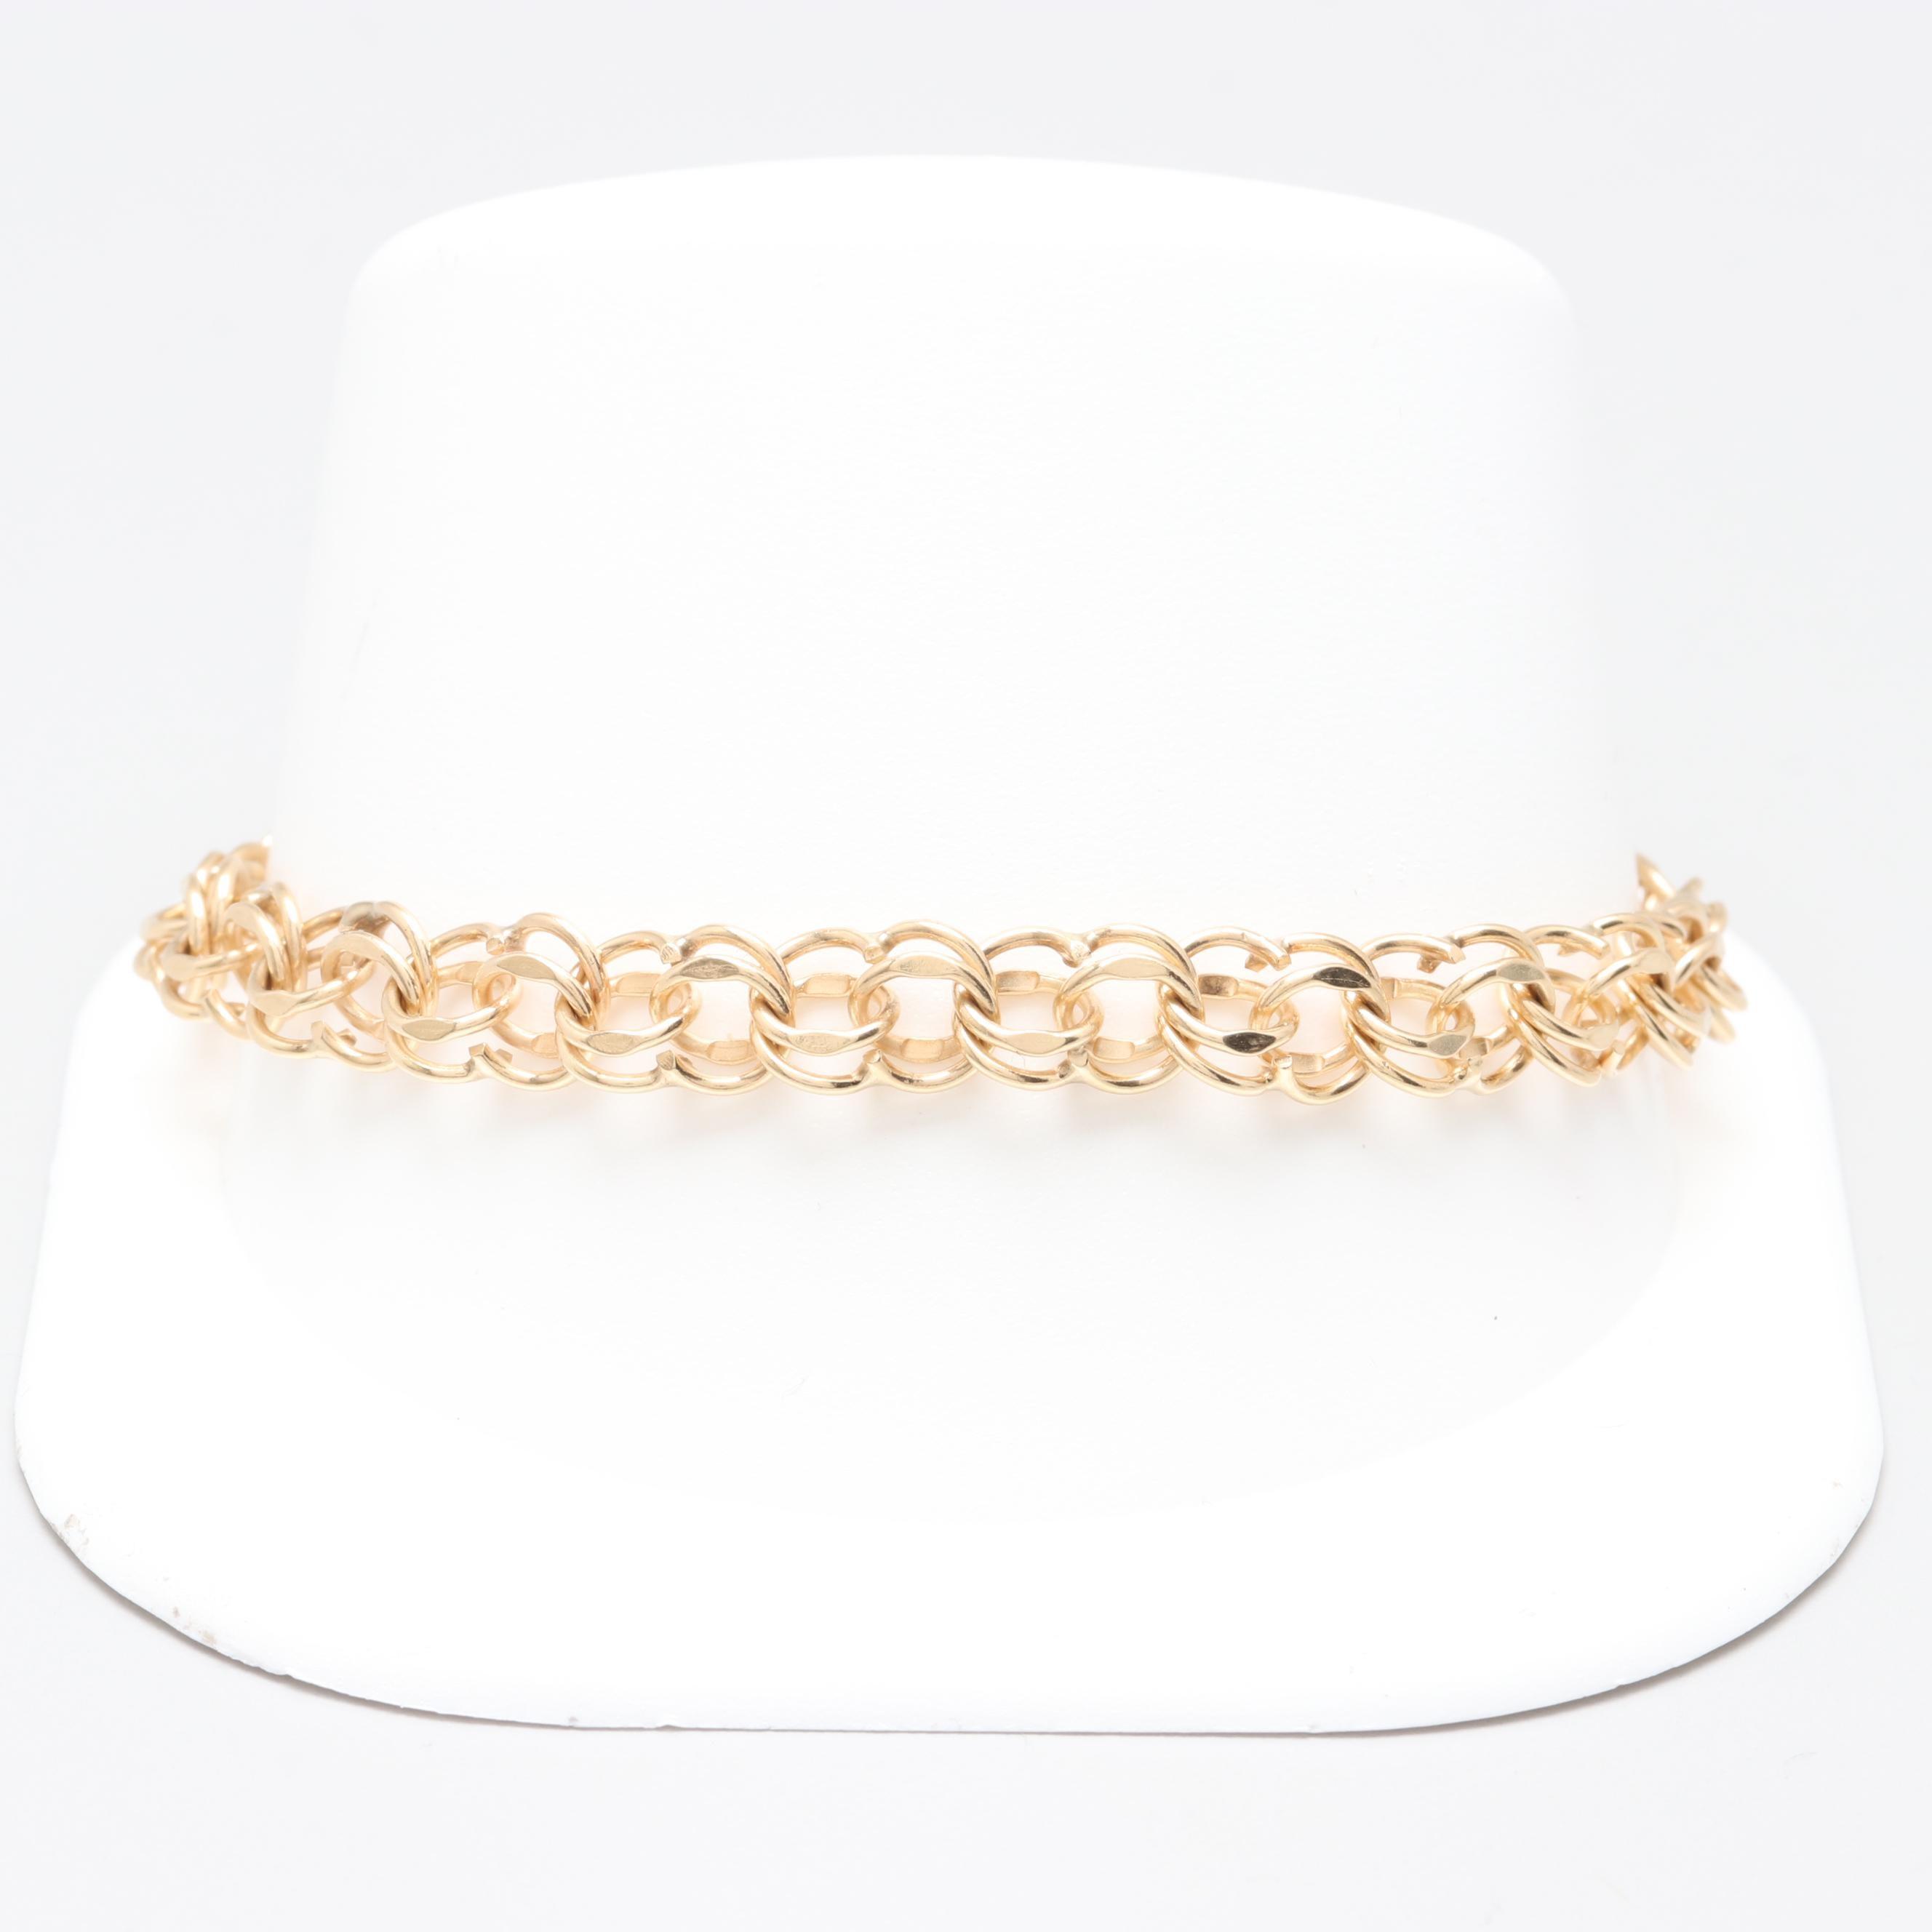 14K Yellow Gold Fancy Link Chain Bracelet